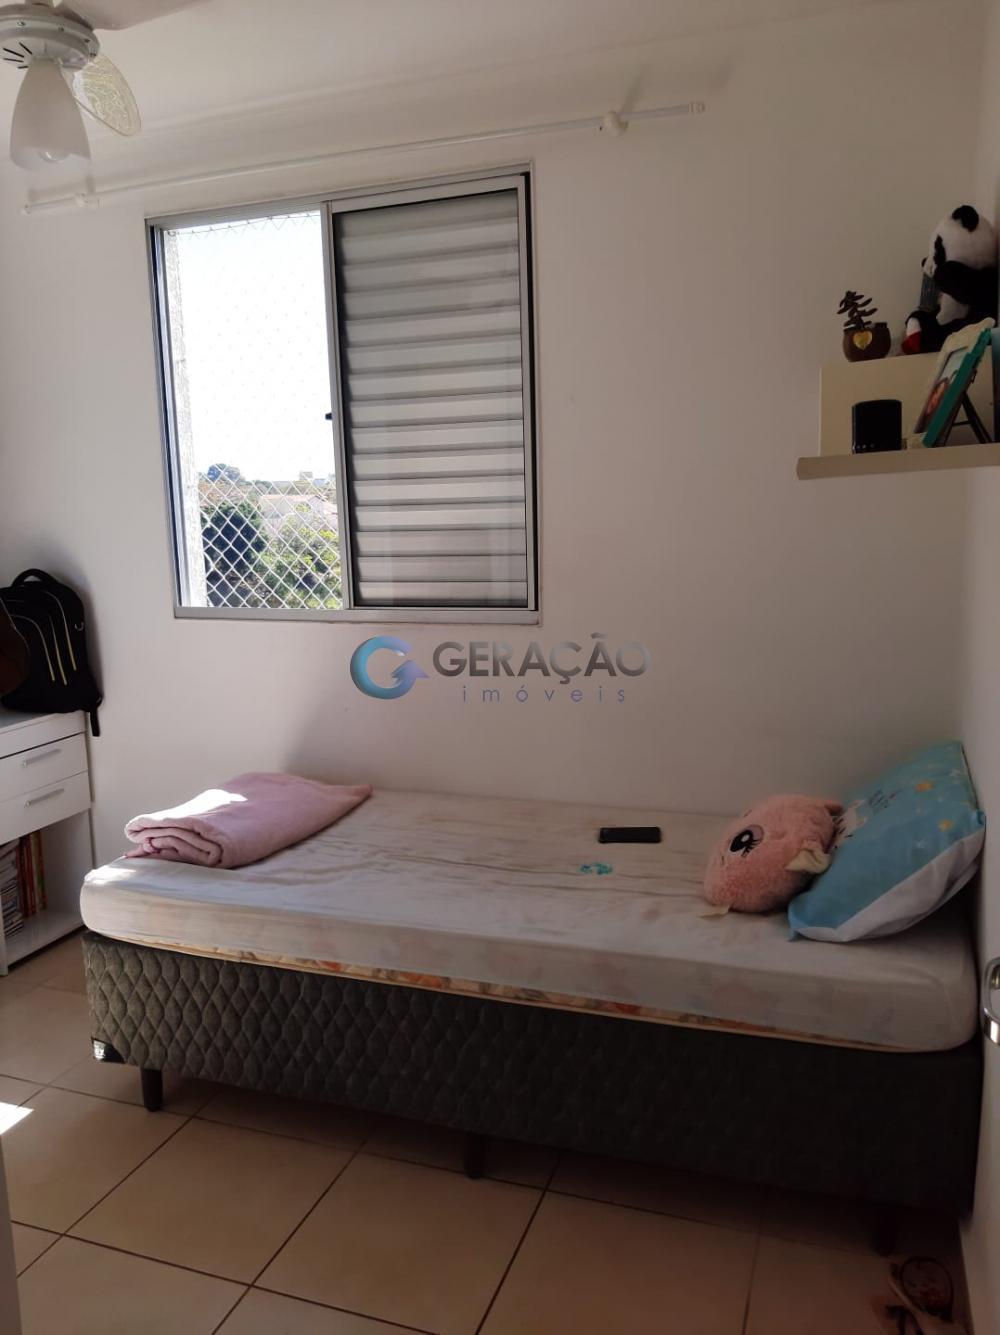 Alugar Apartamento / Padrão em São José dos Campos R$ 900,00 - Foto 13